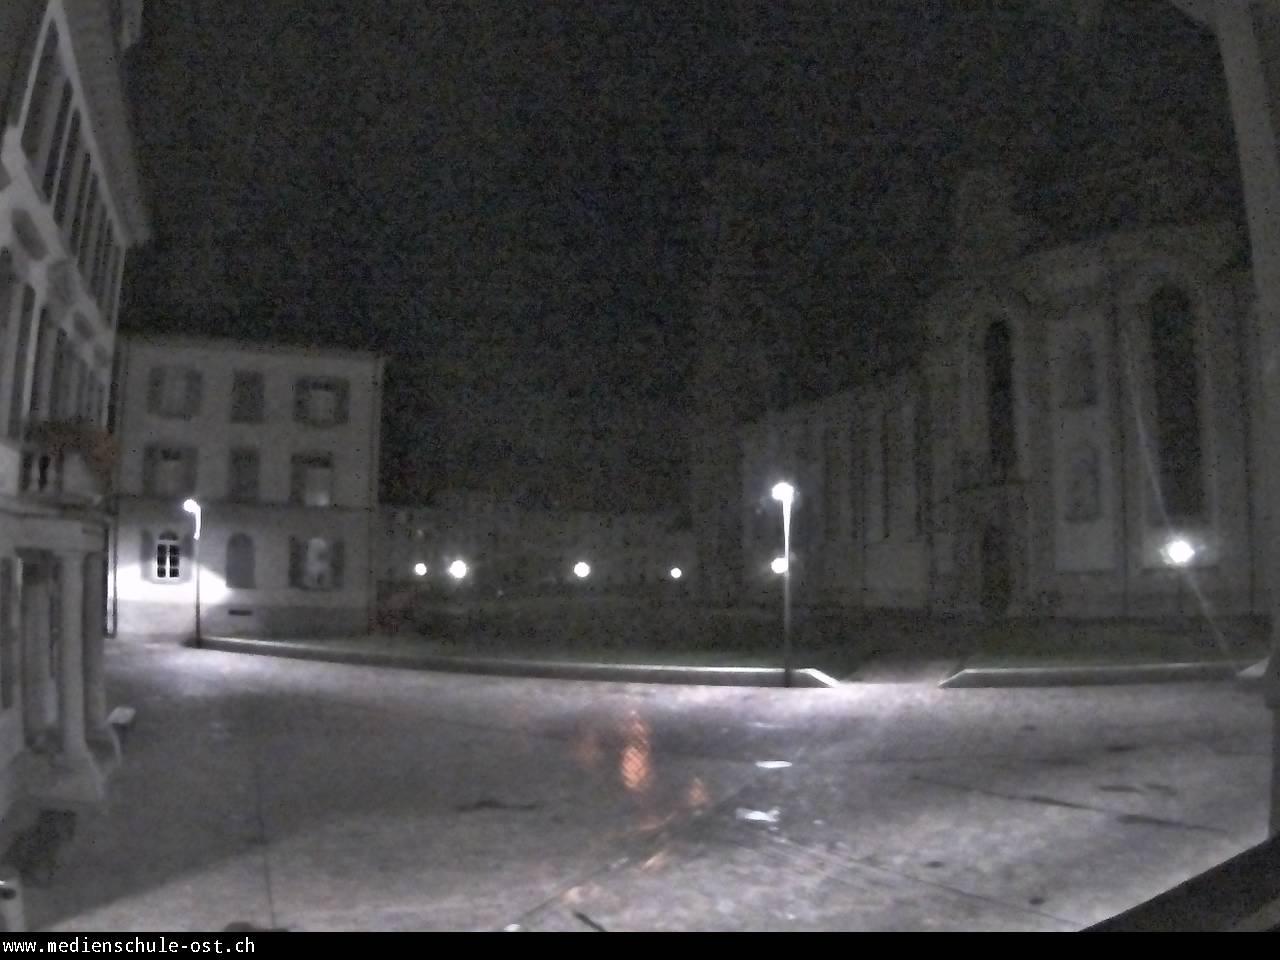 St. Gallen Do. 04:46